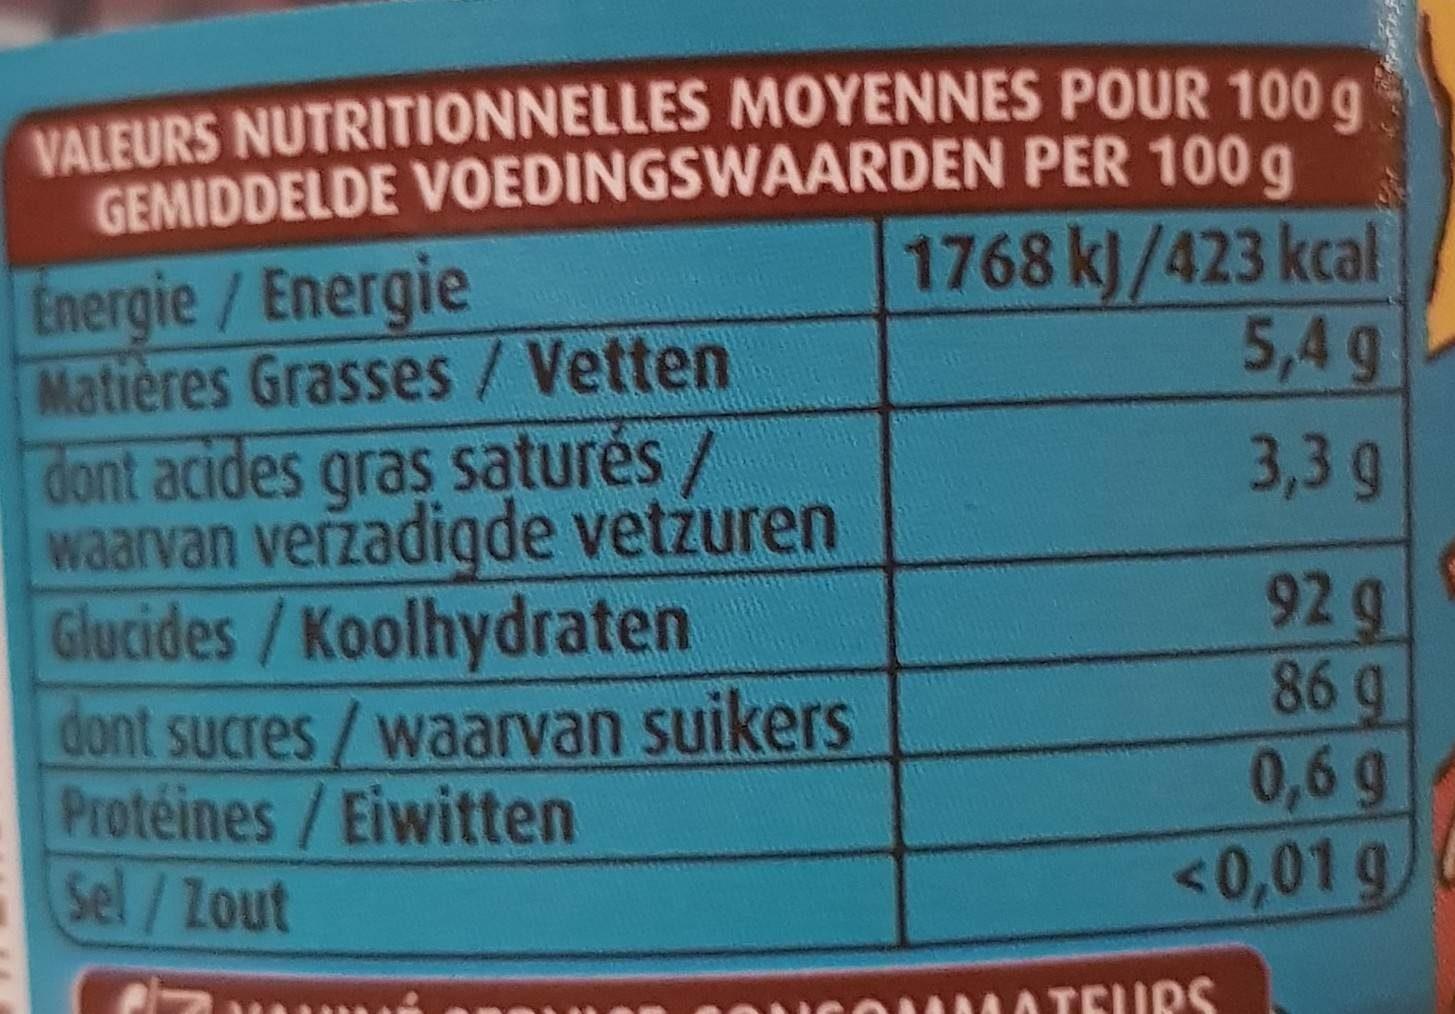 Vahiné Multideco adventure pot plastique Le sachet de 92gr - Informations nutritionnelles